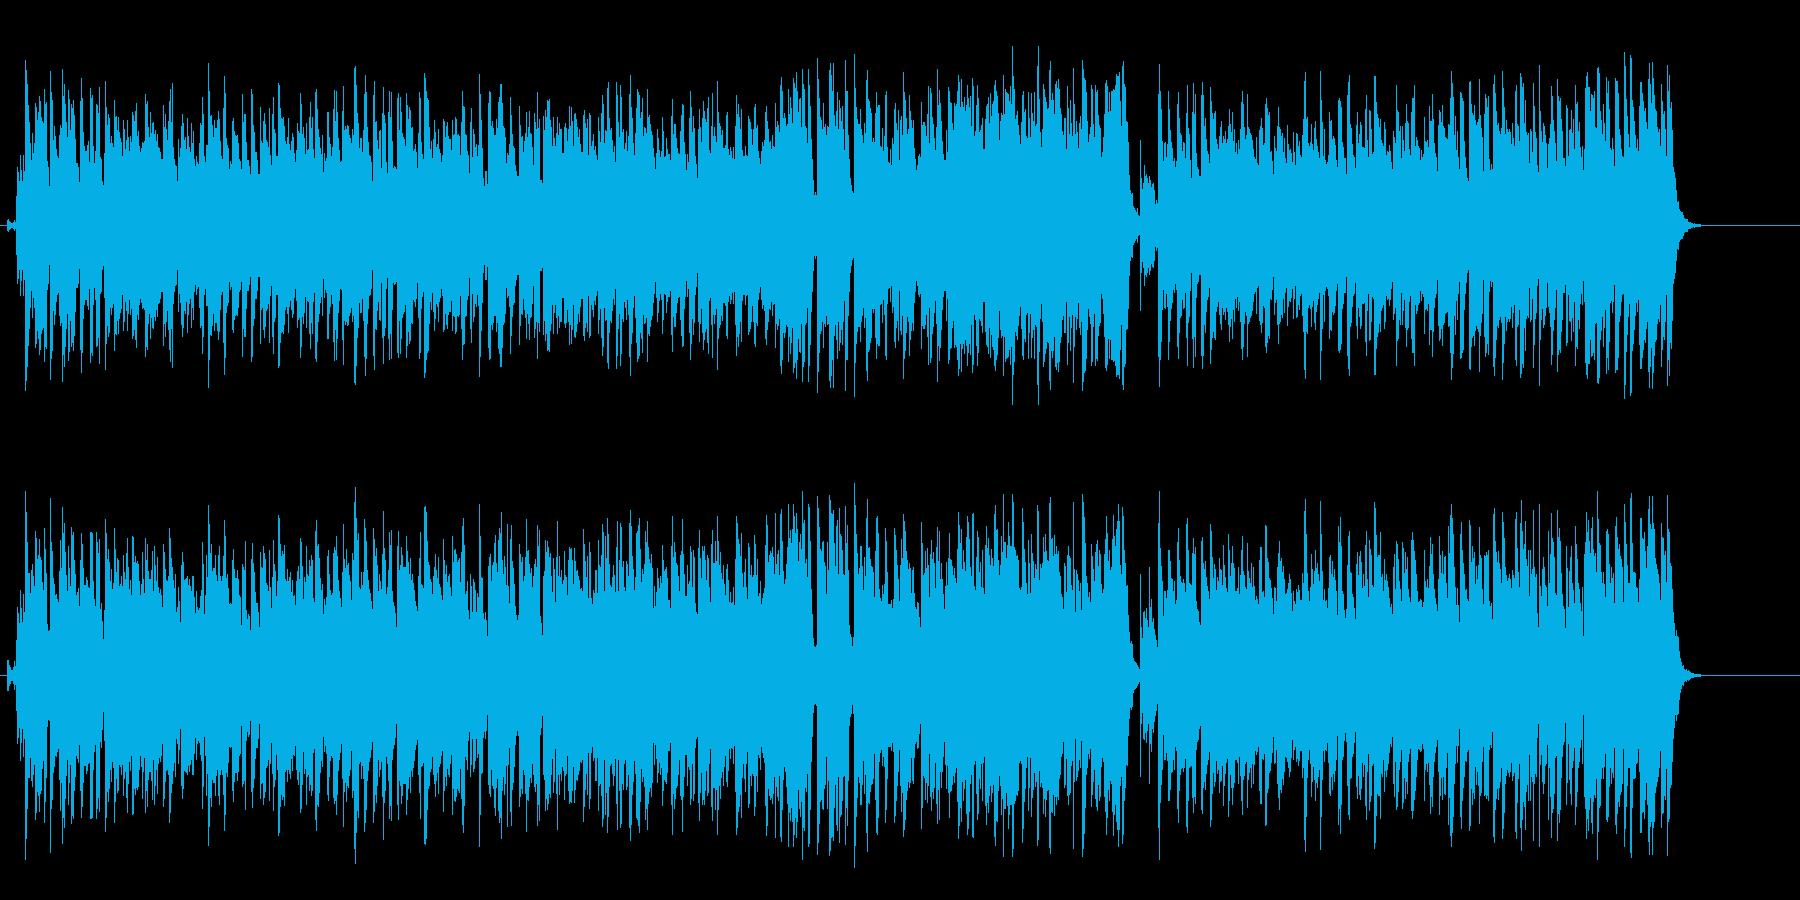 探偵の追跡感溢れるマイナーテクノ/BGの再生済みの波形